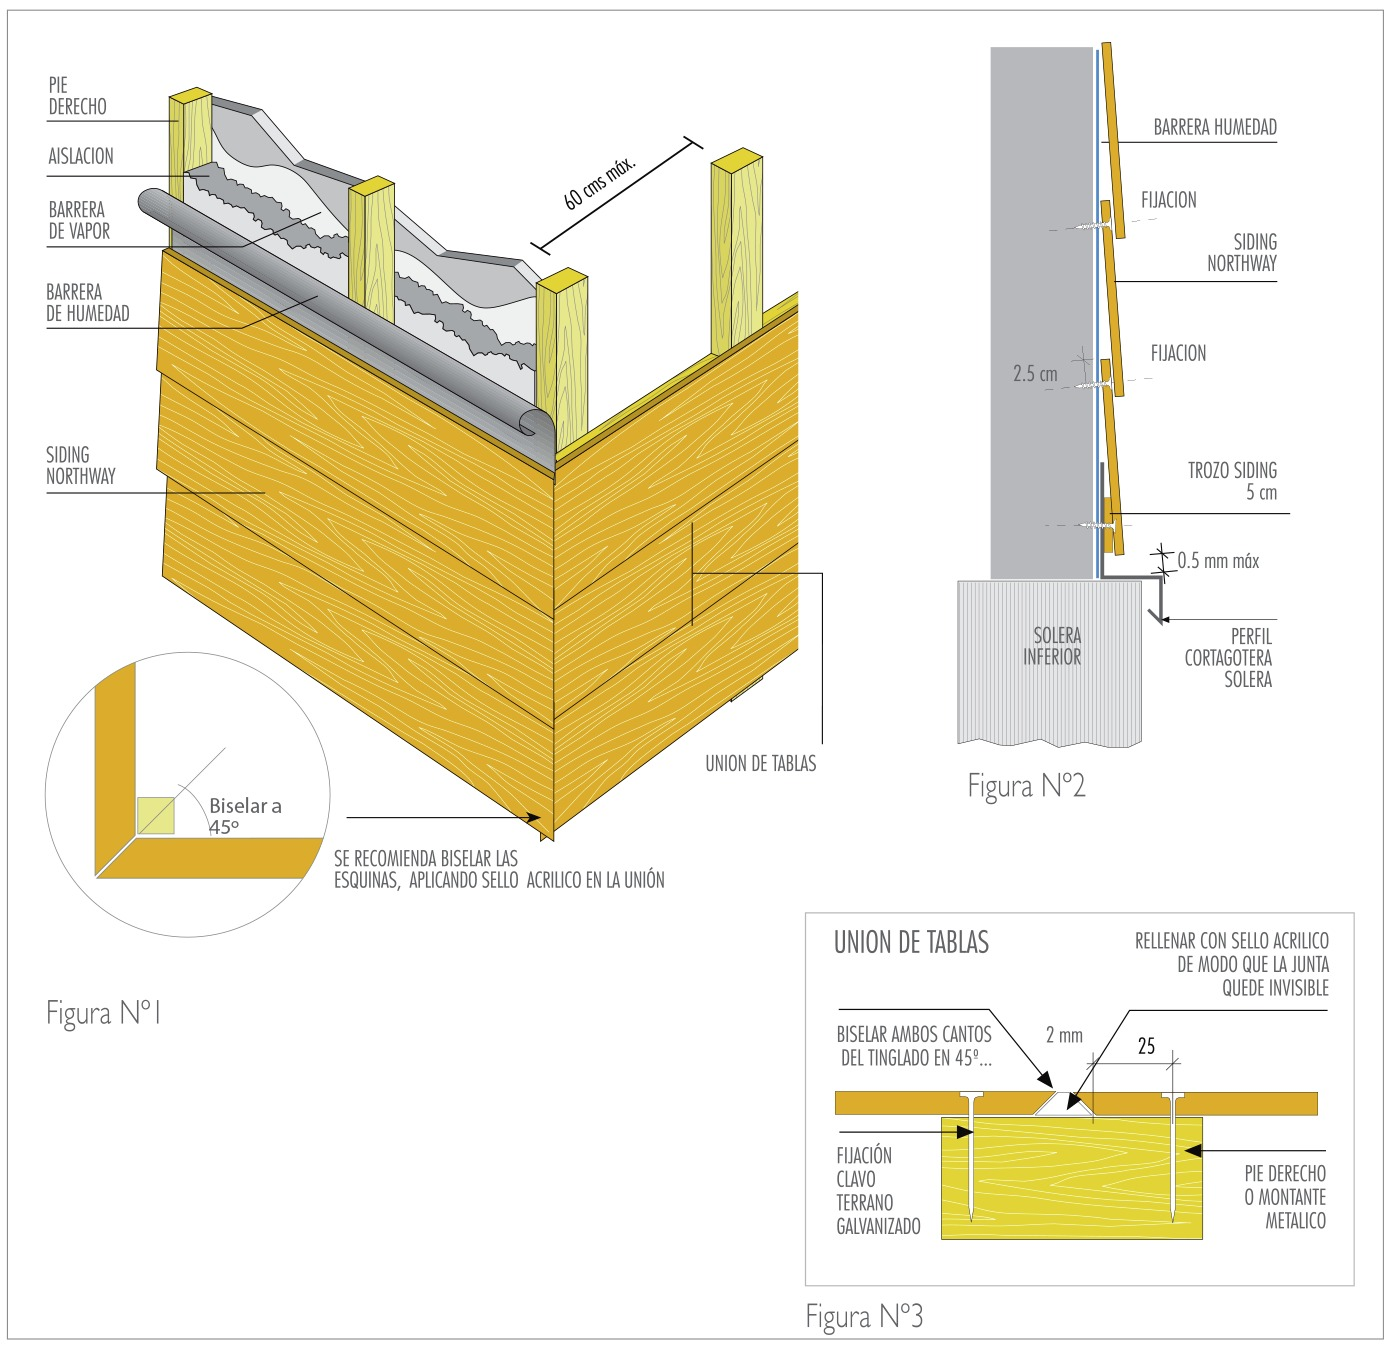 Materiales Instalacion De Siding Revestimiento Exterior Plataforma Arquitectura